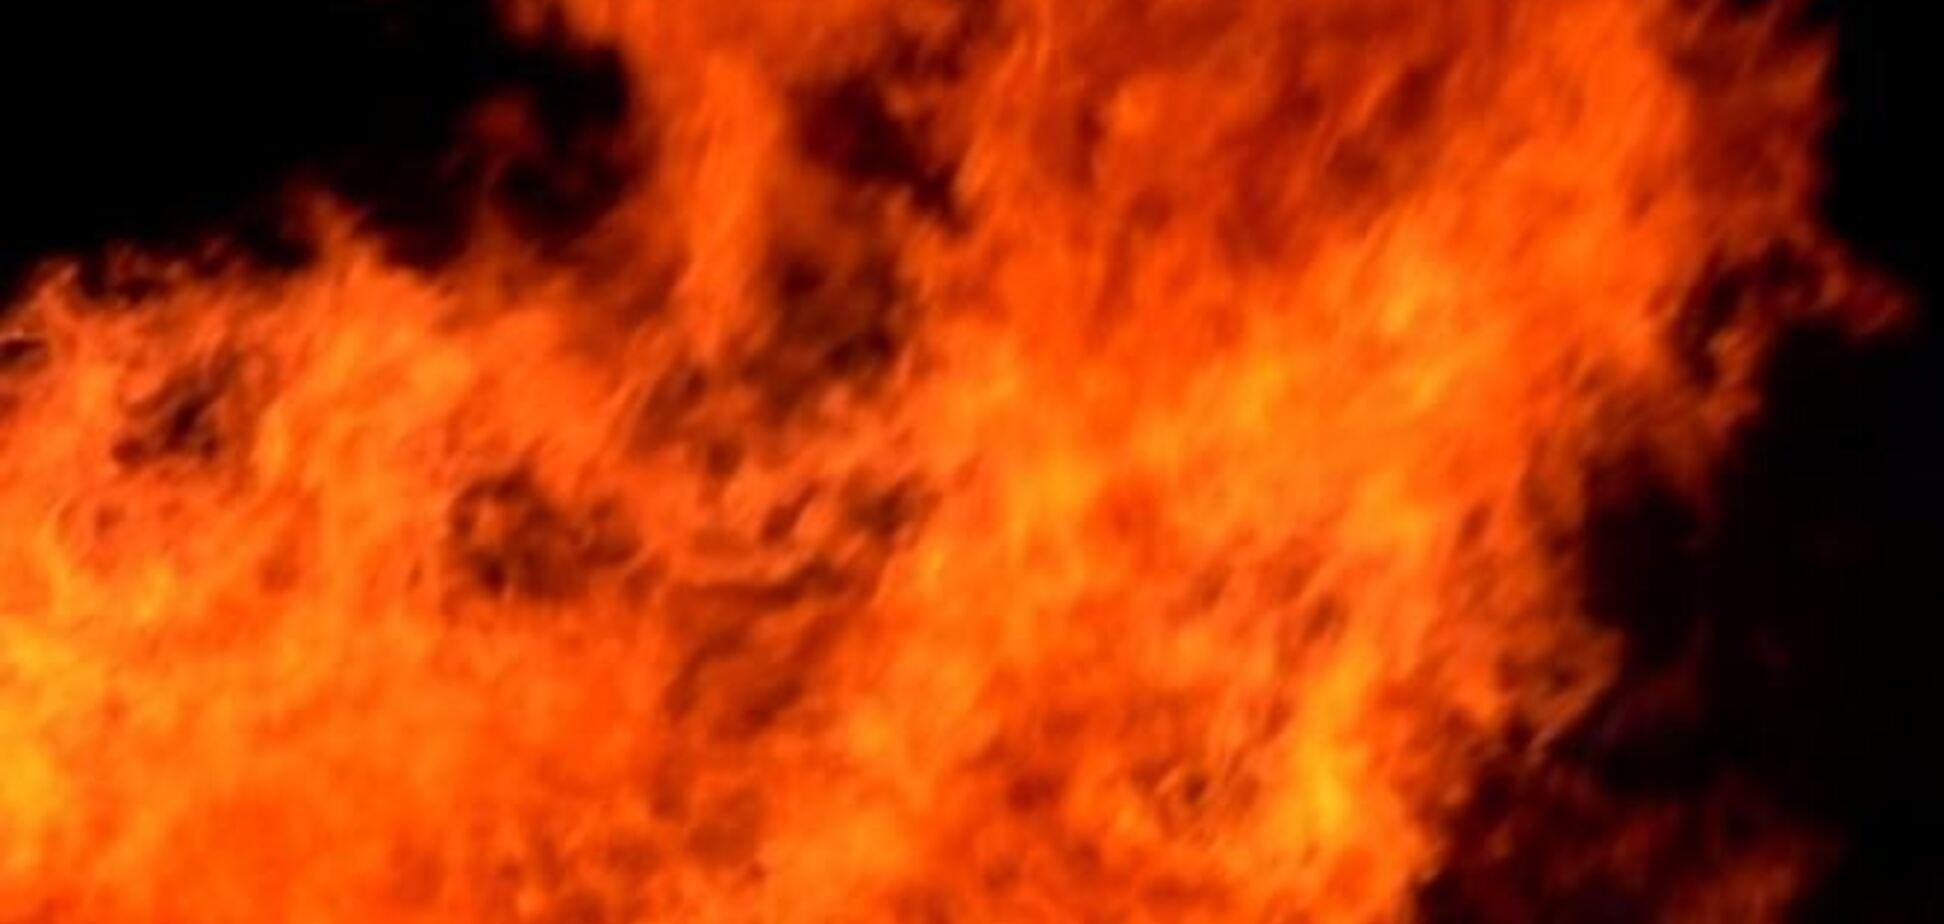 На пожаре в Хмельницкой области погибли дети